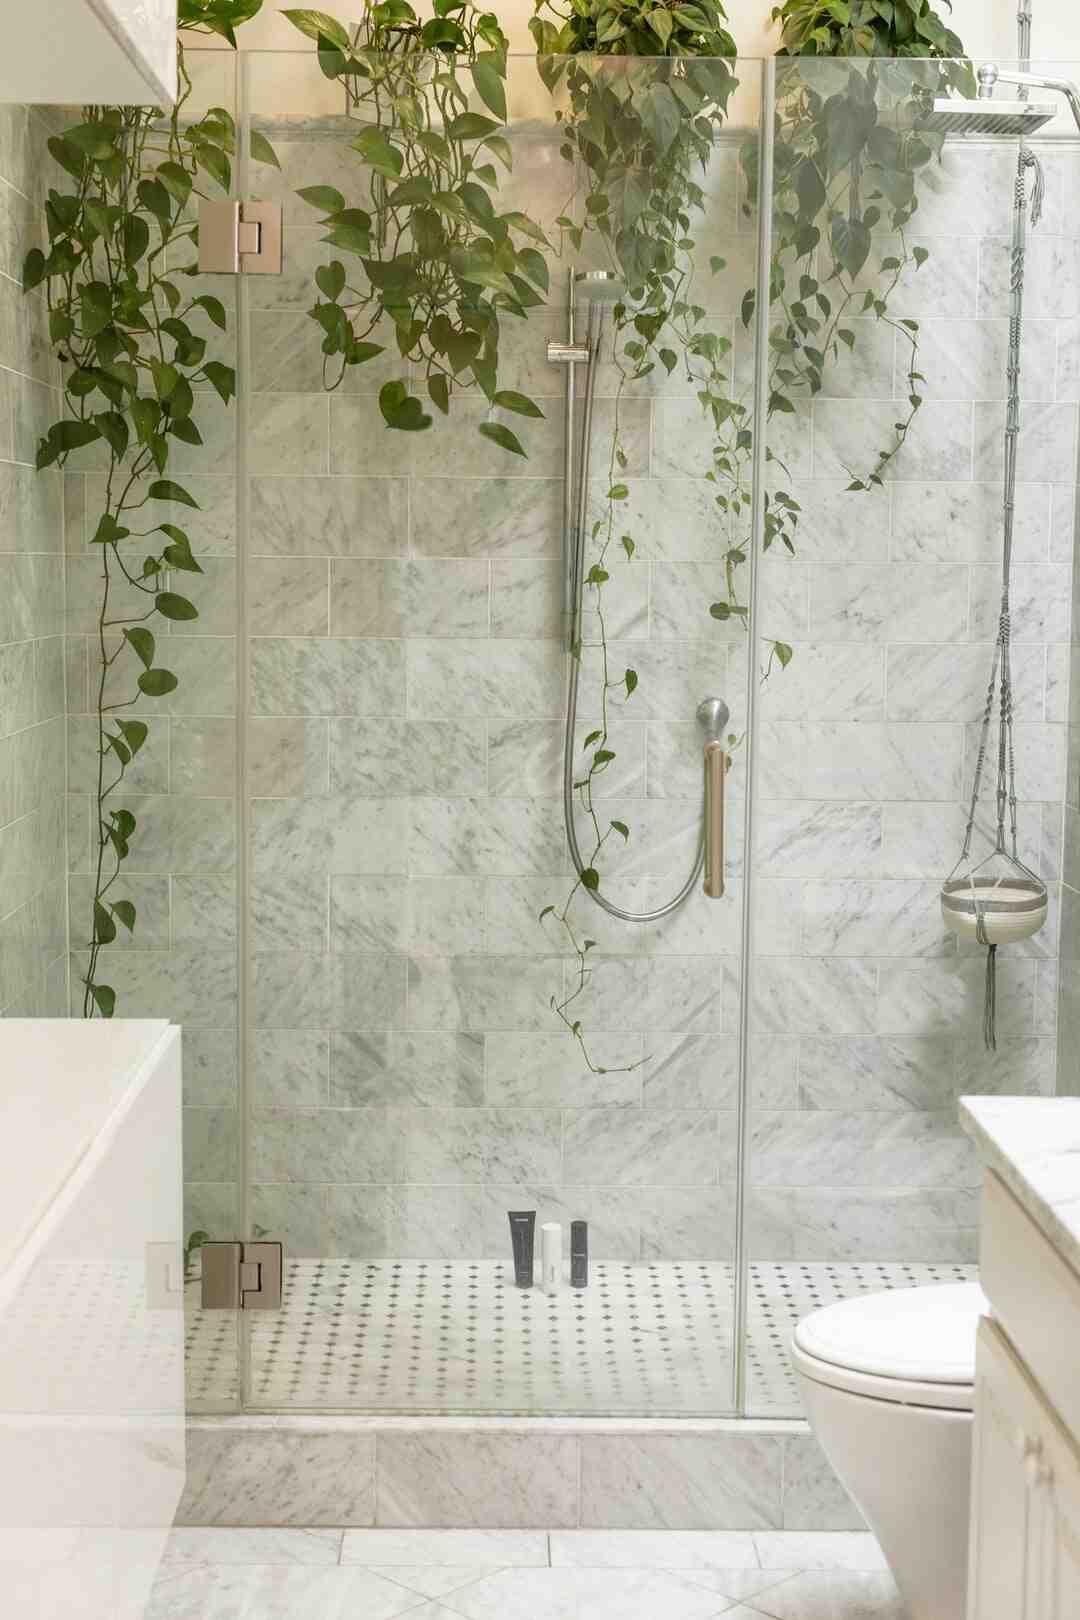 Comment fixer une douche ?